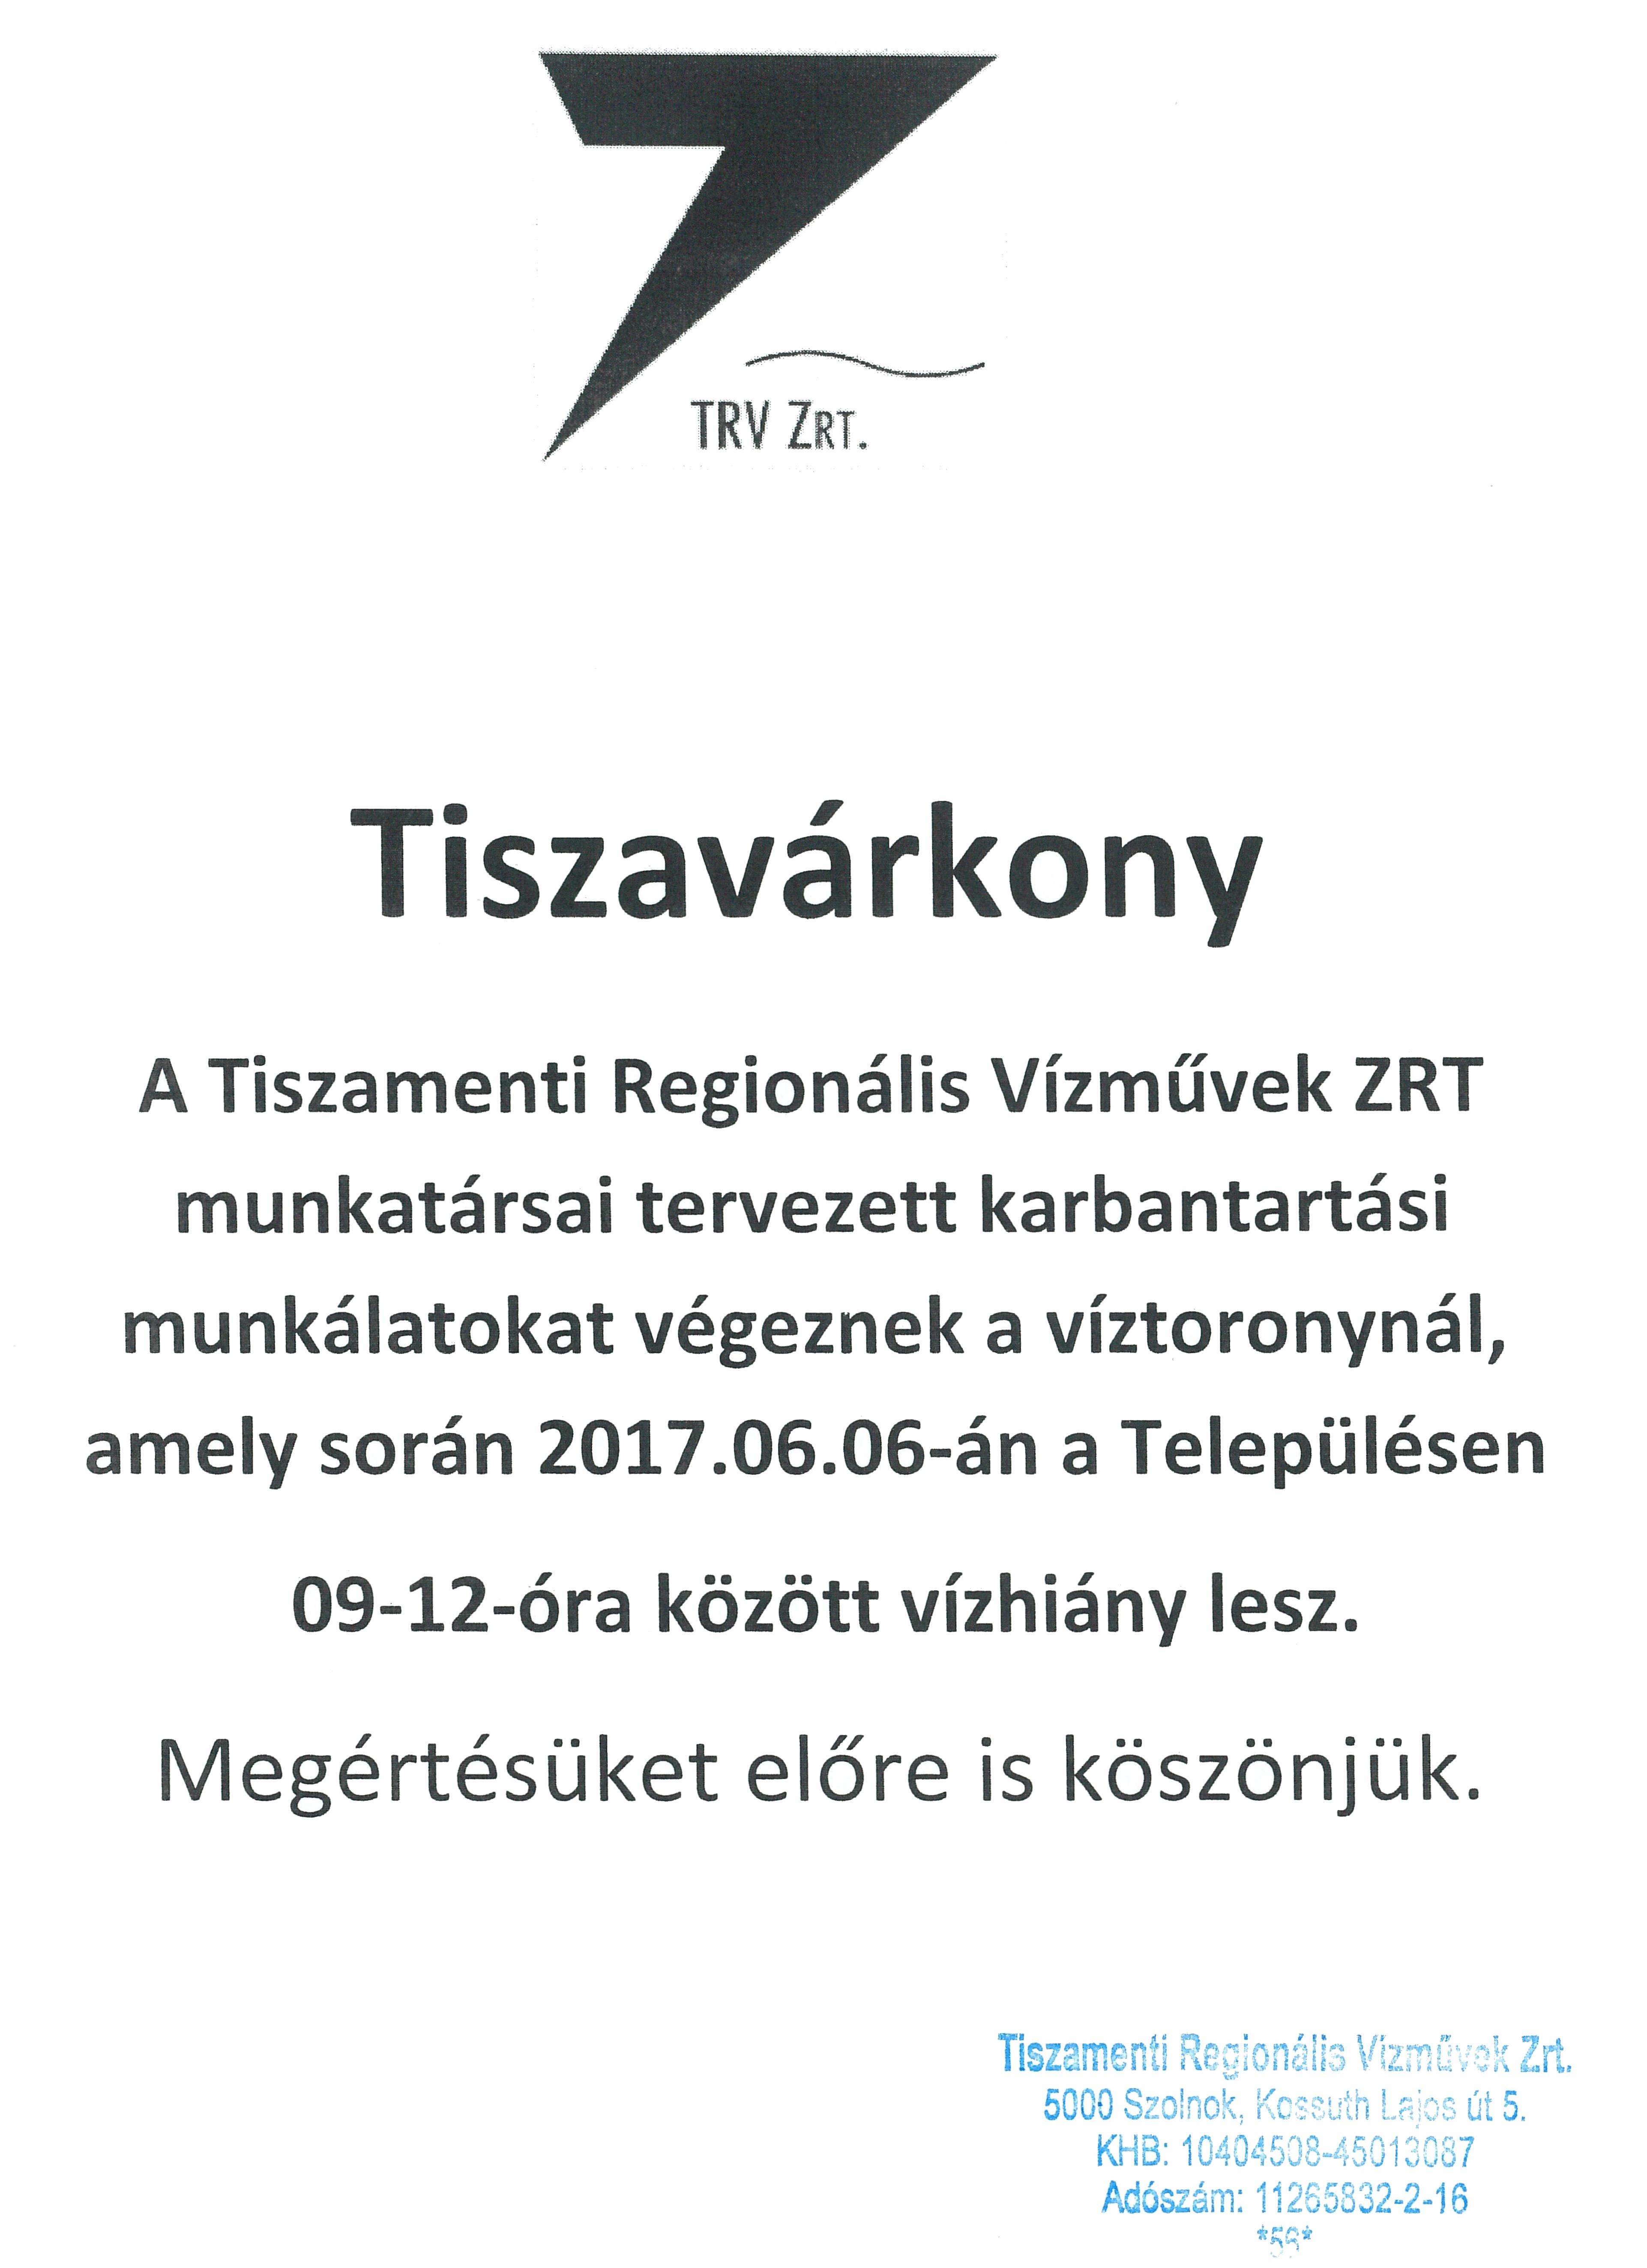 vizhiany_2017_06_06